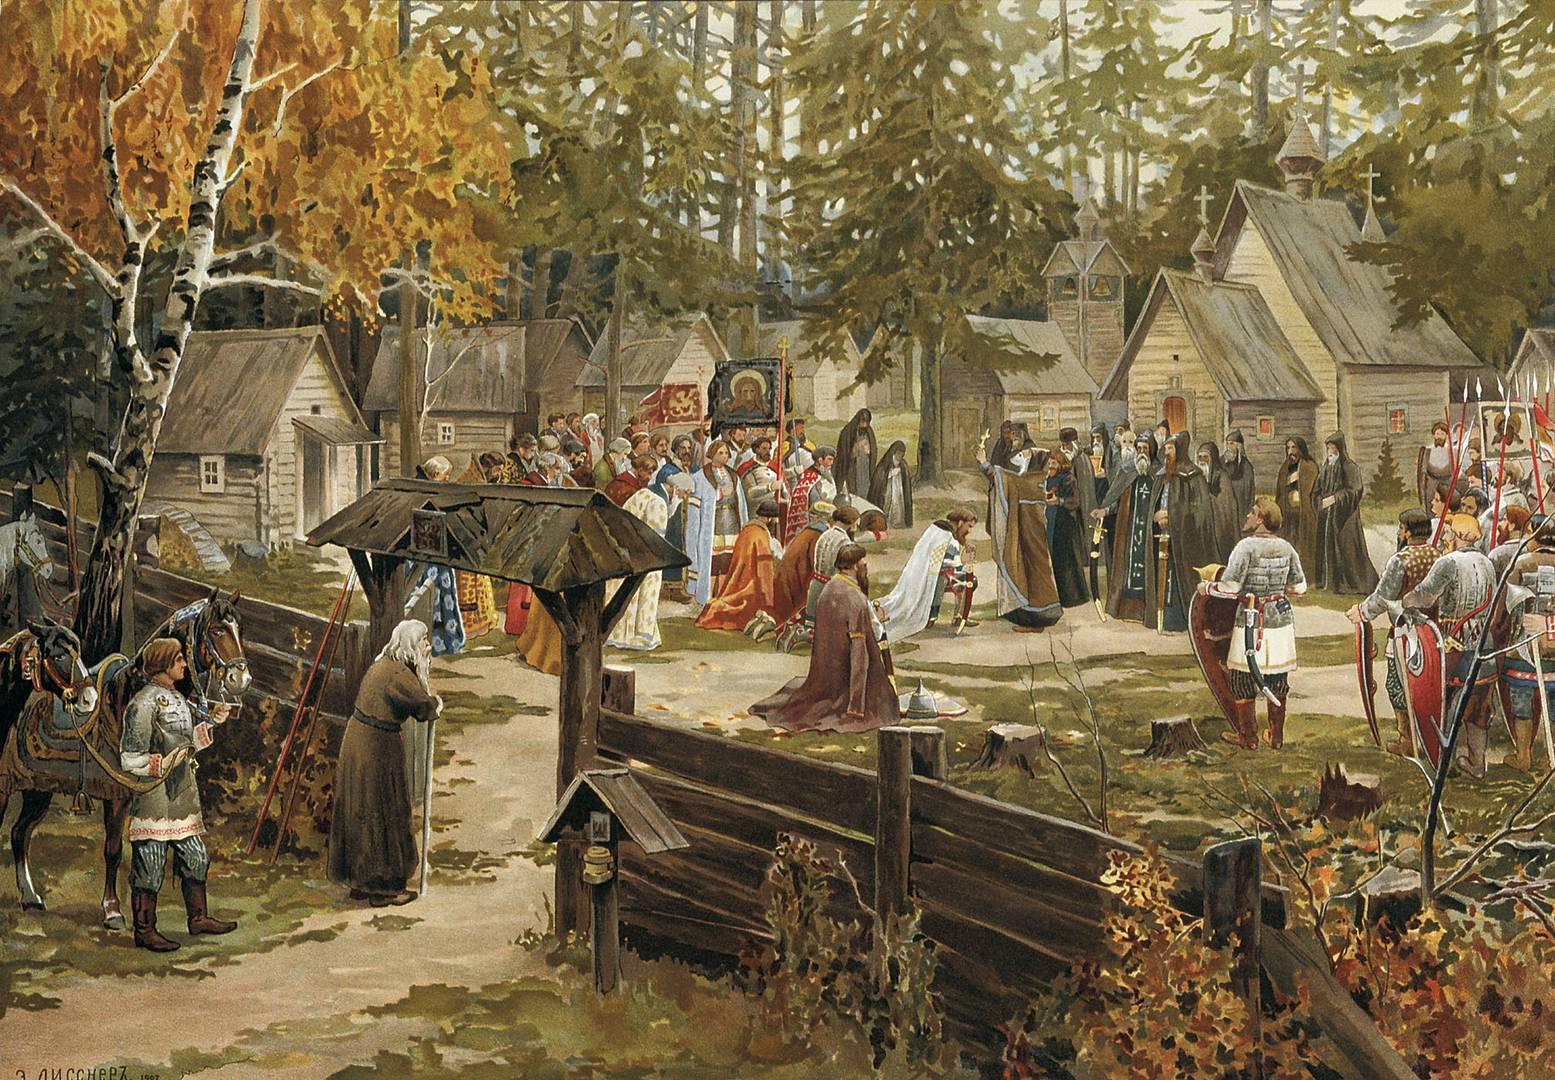 Лисснер Эрнст. Троице-Сергиева лавра. 1907